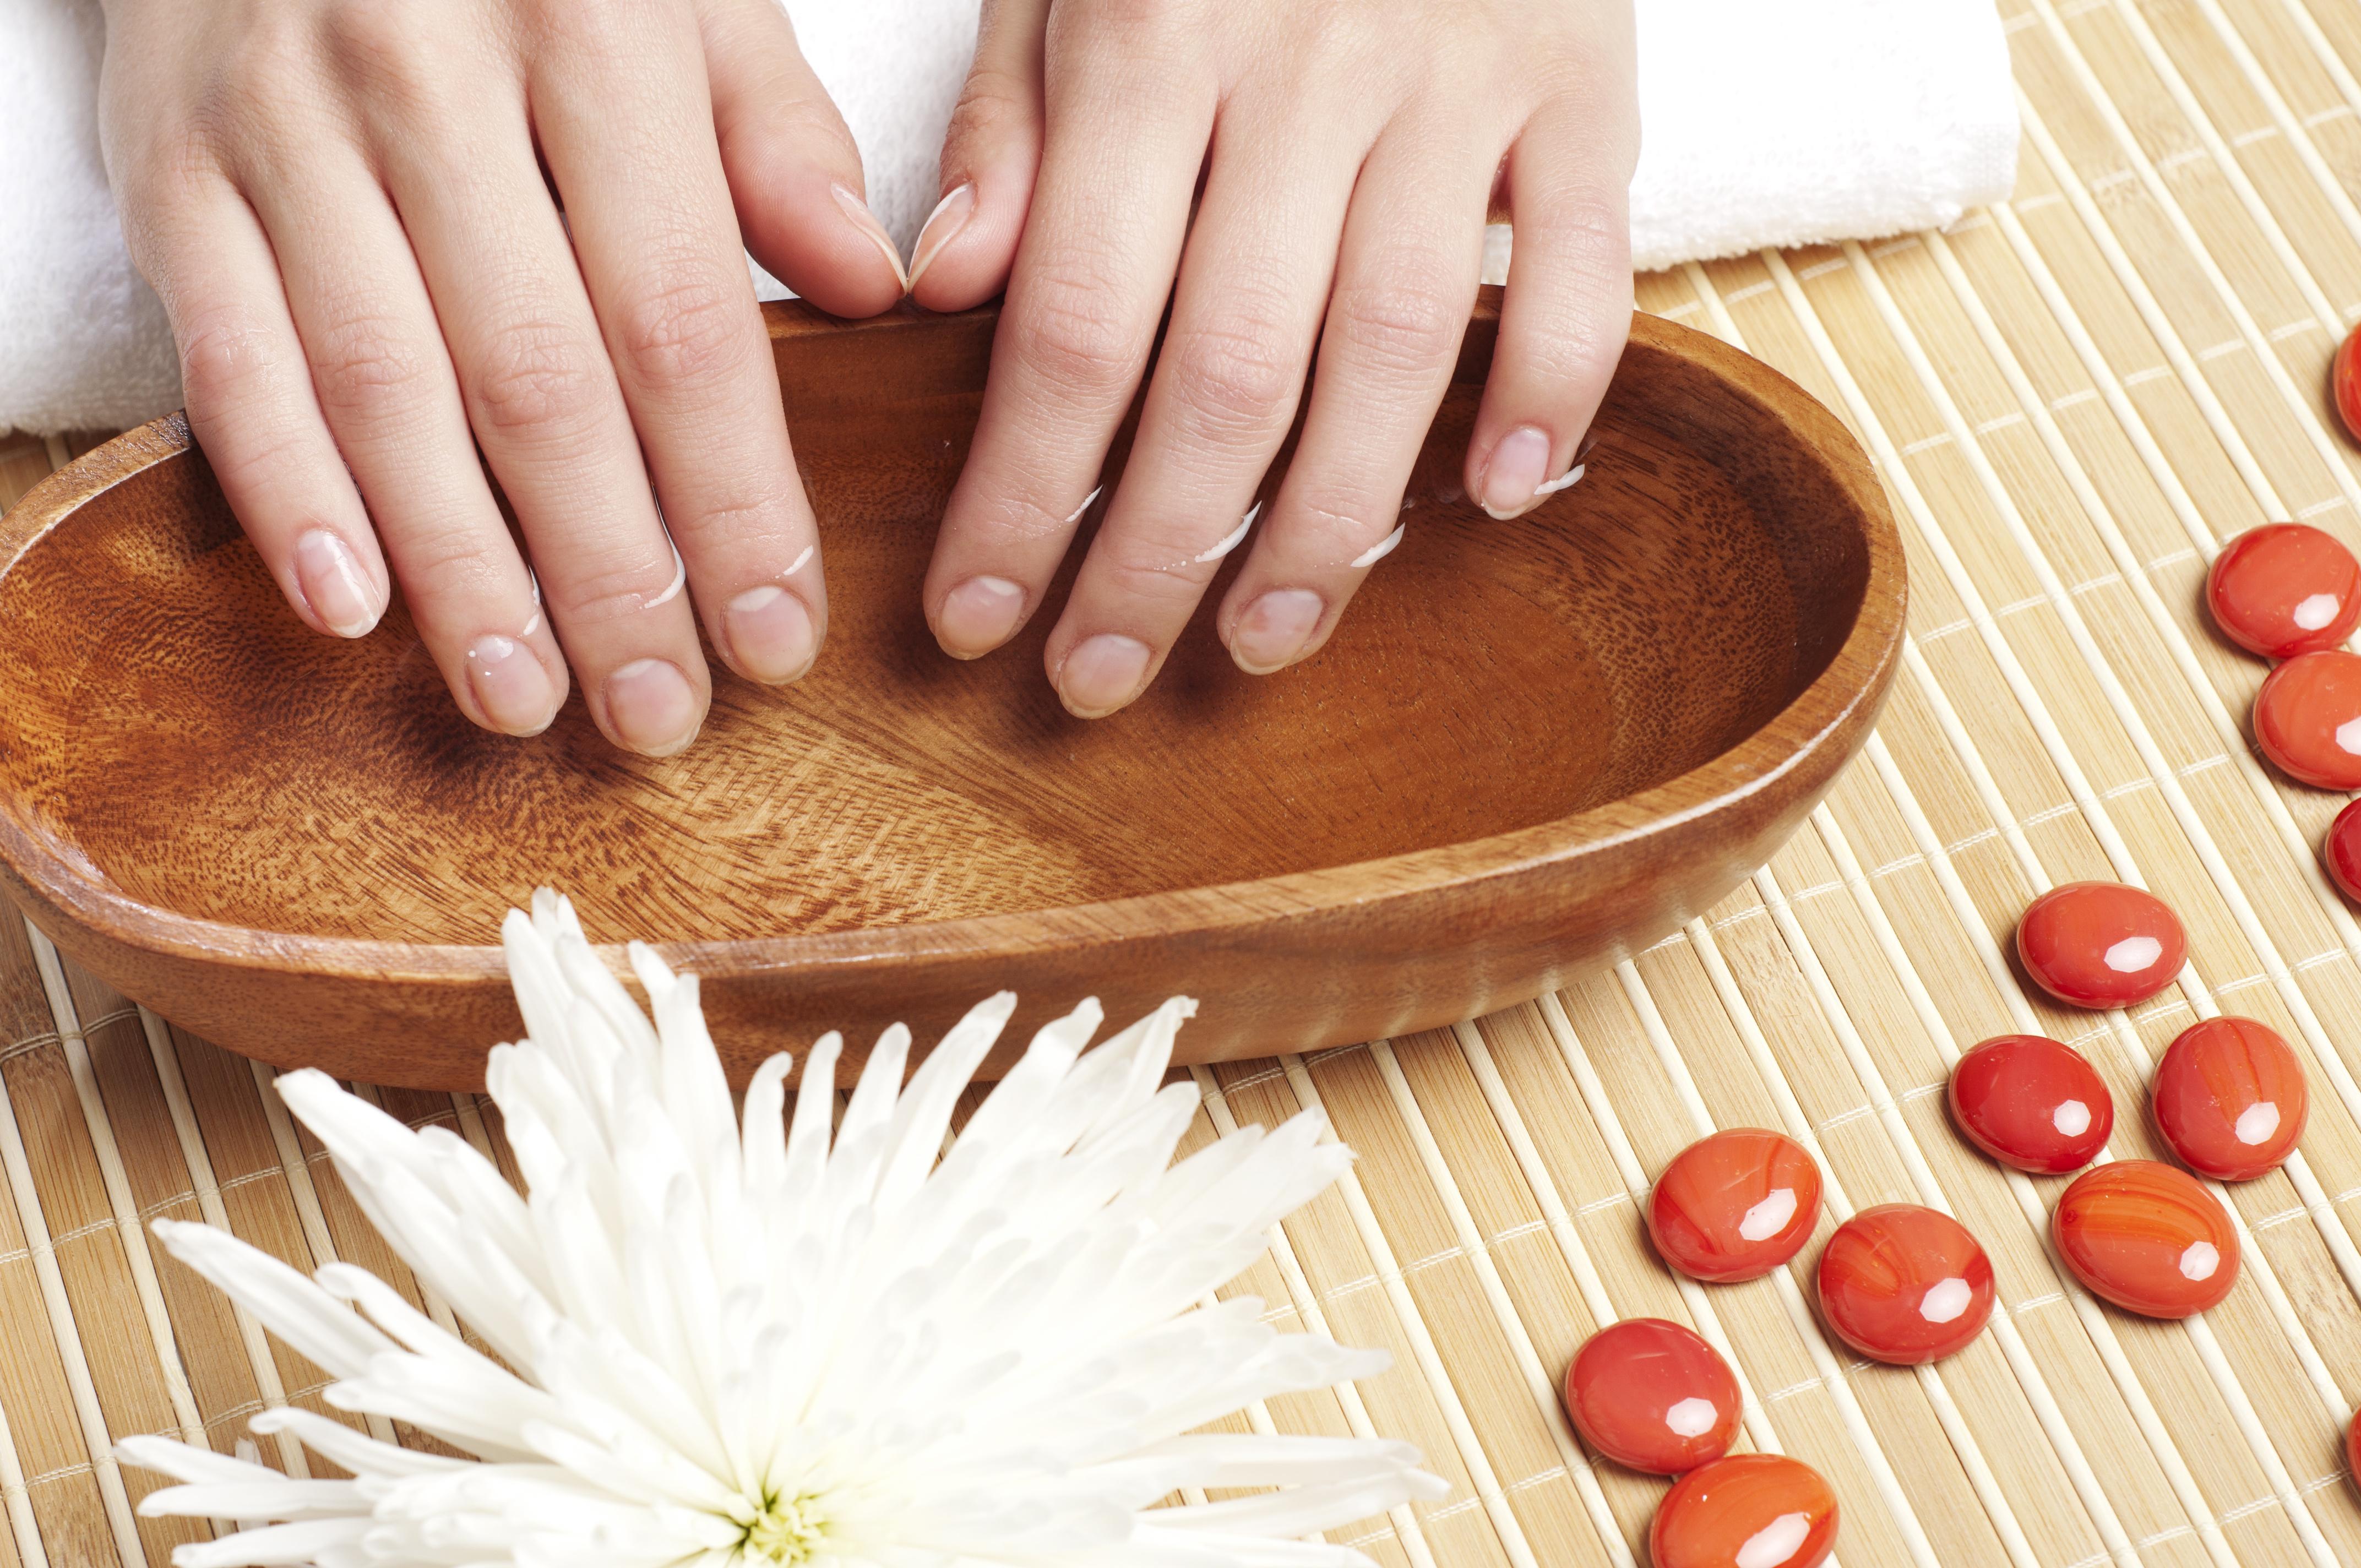 Olio d'oliva rimedio unghie rovinate fai da te